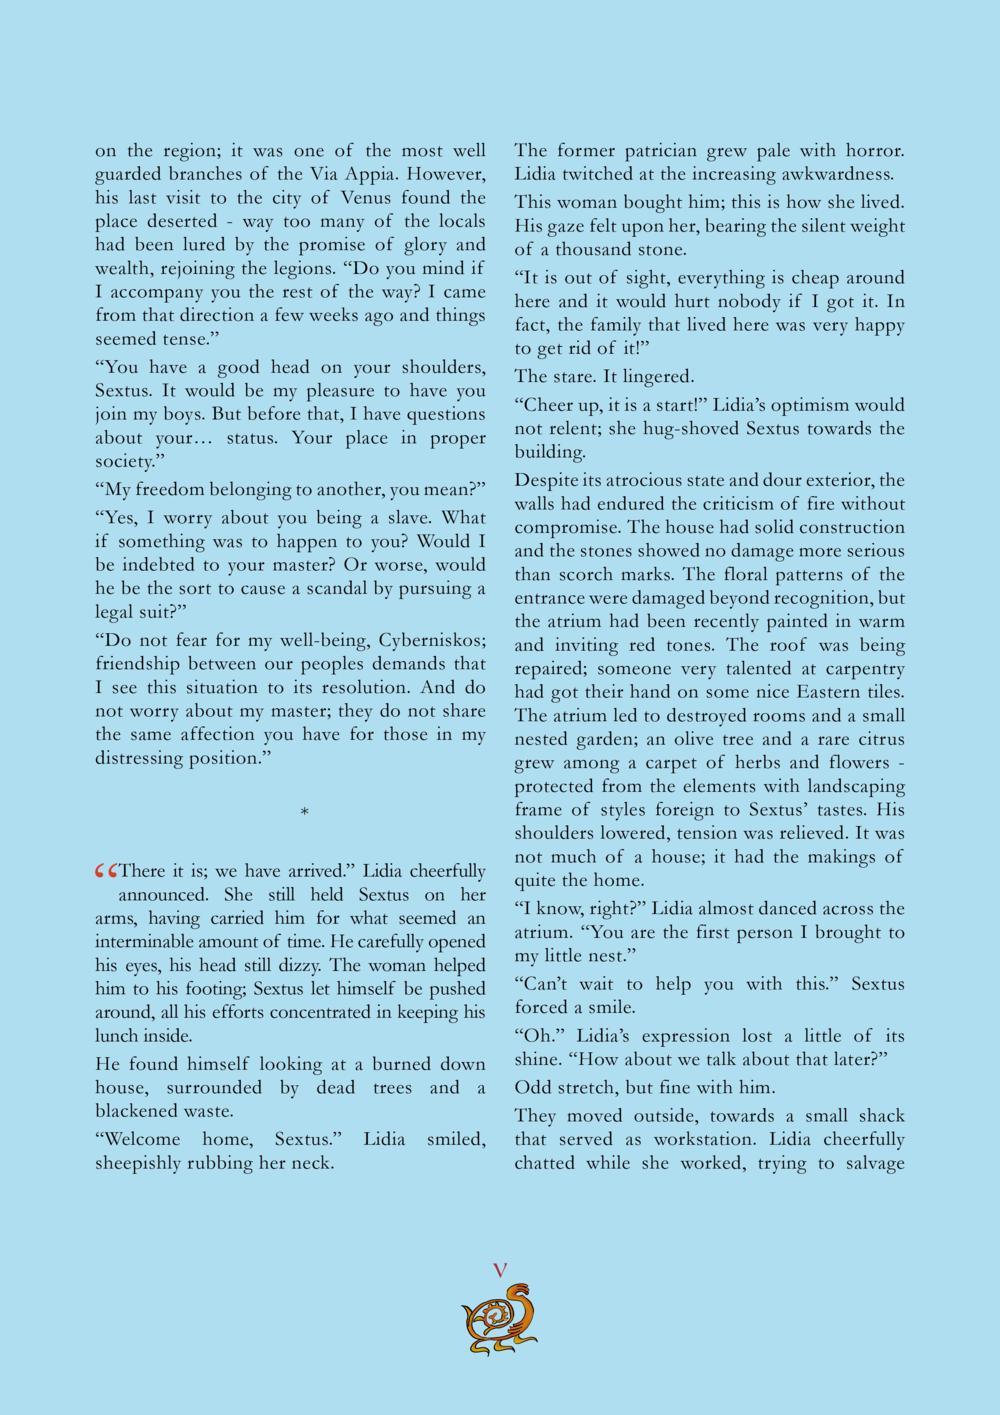 Celeres Part III5.png